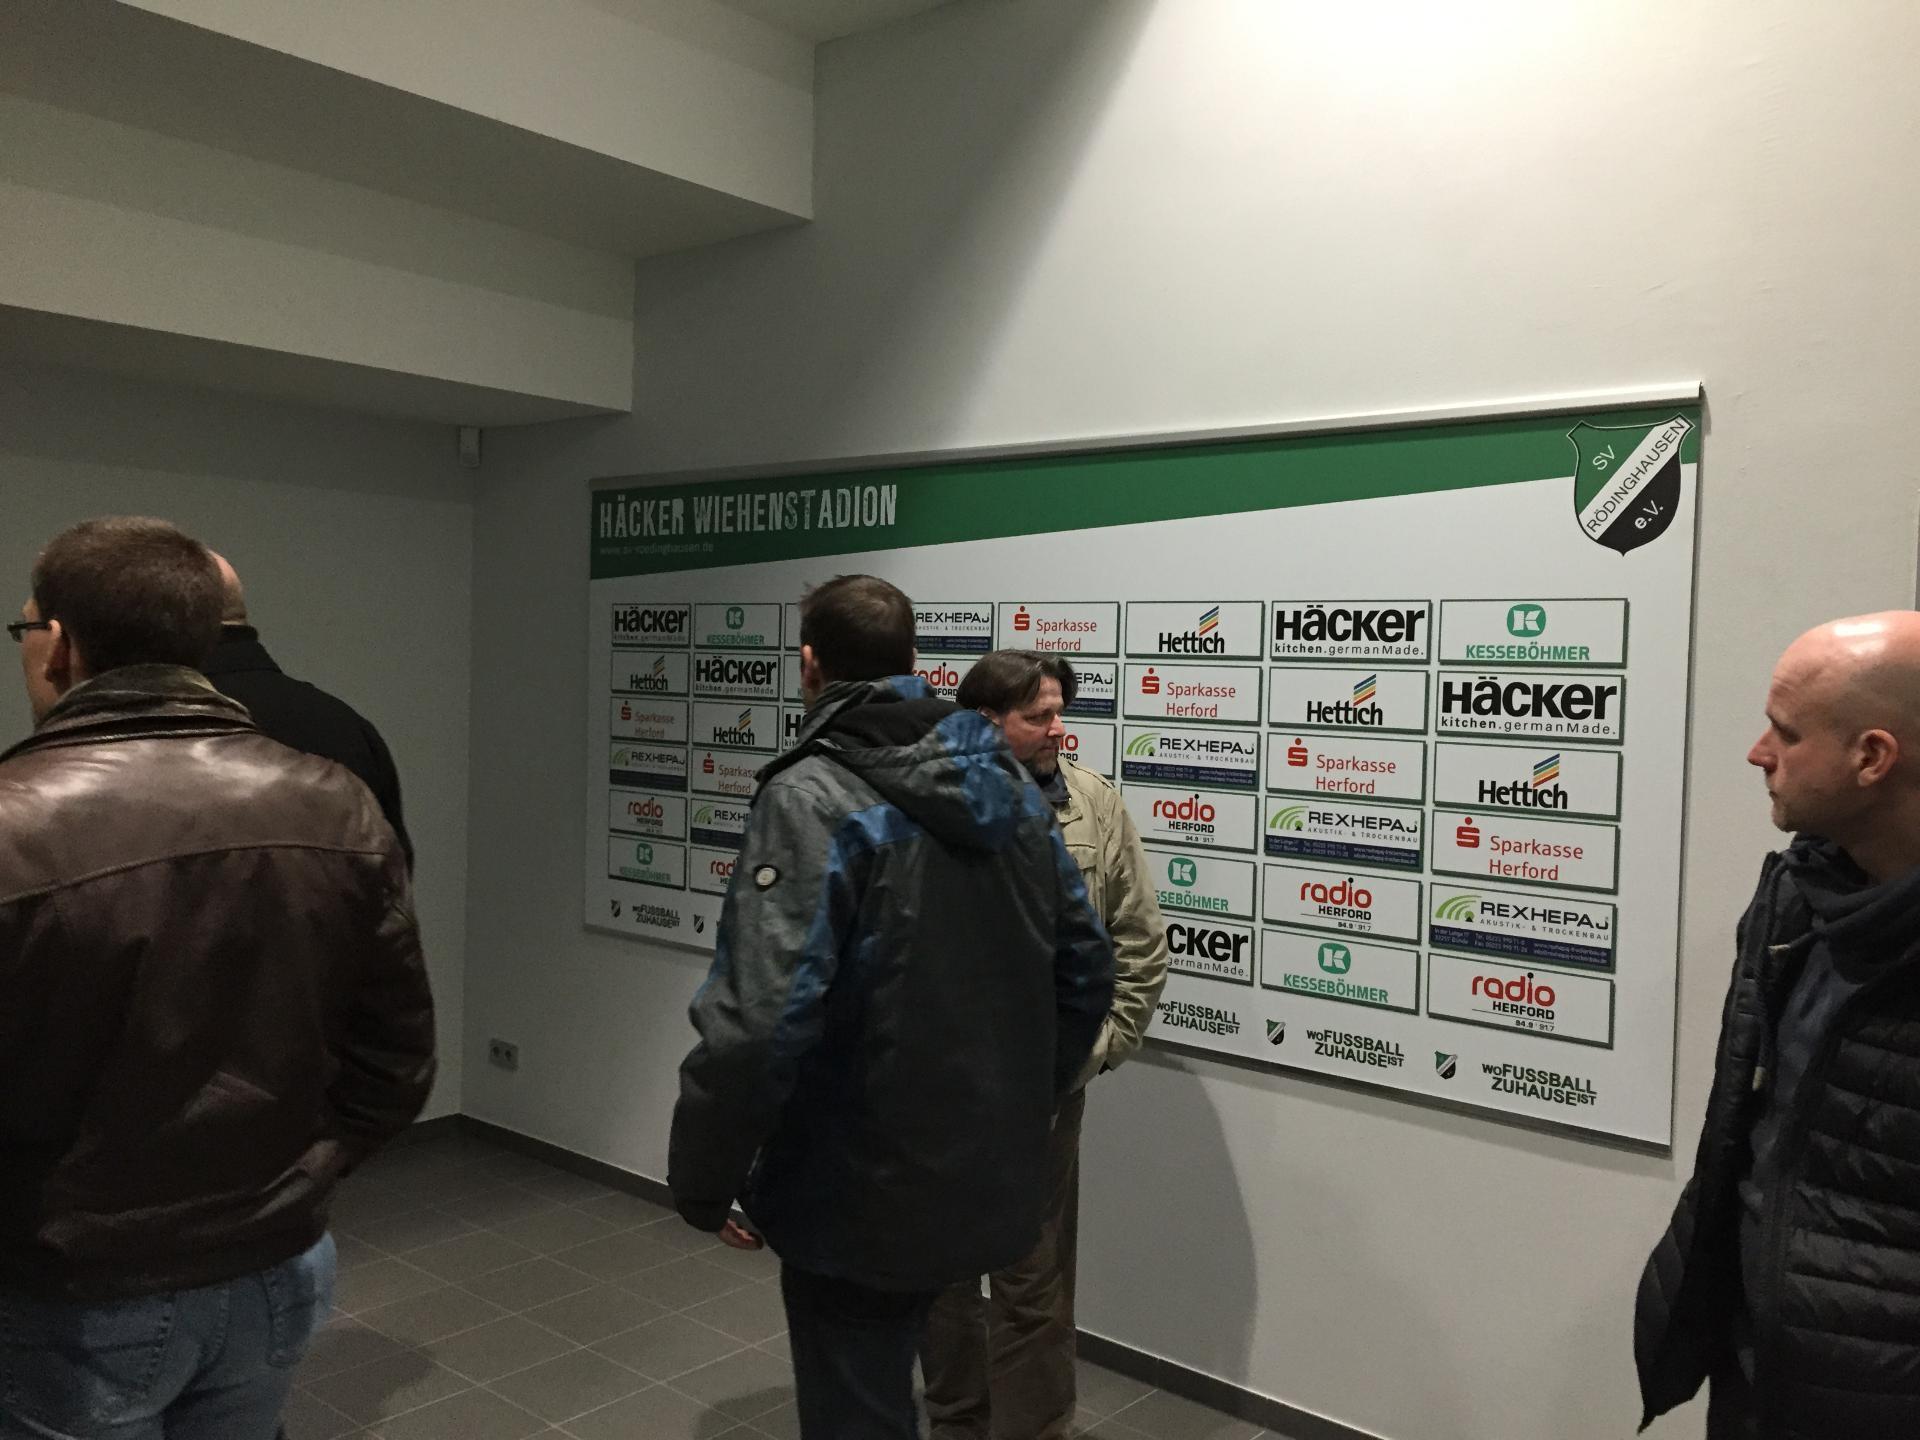 Cvjm Rodinghausen E V Mannerkreis Besichtigt Hacker Wiehenstadion